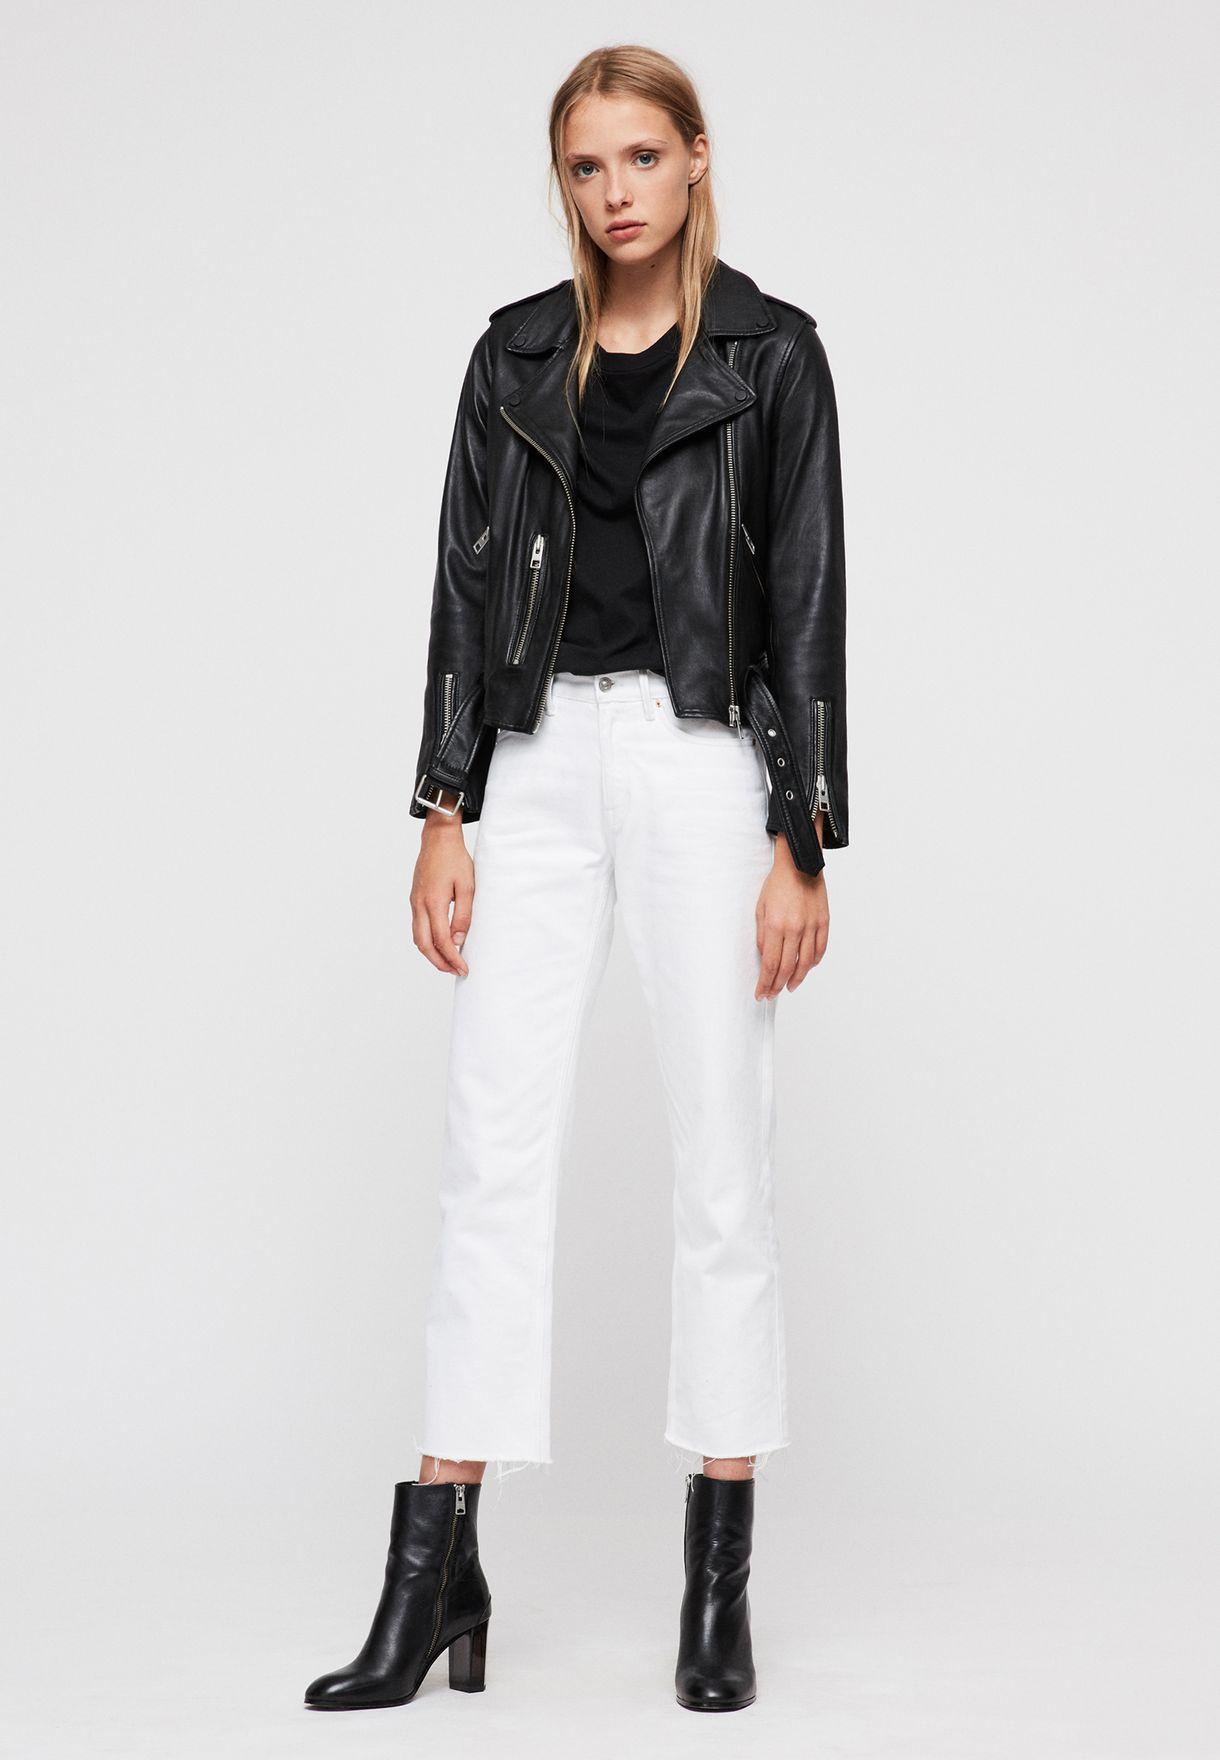 Balfern Belted Leather Biker Jacket